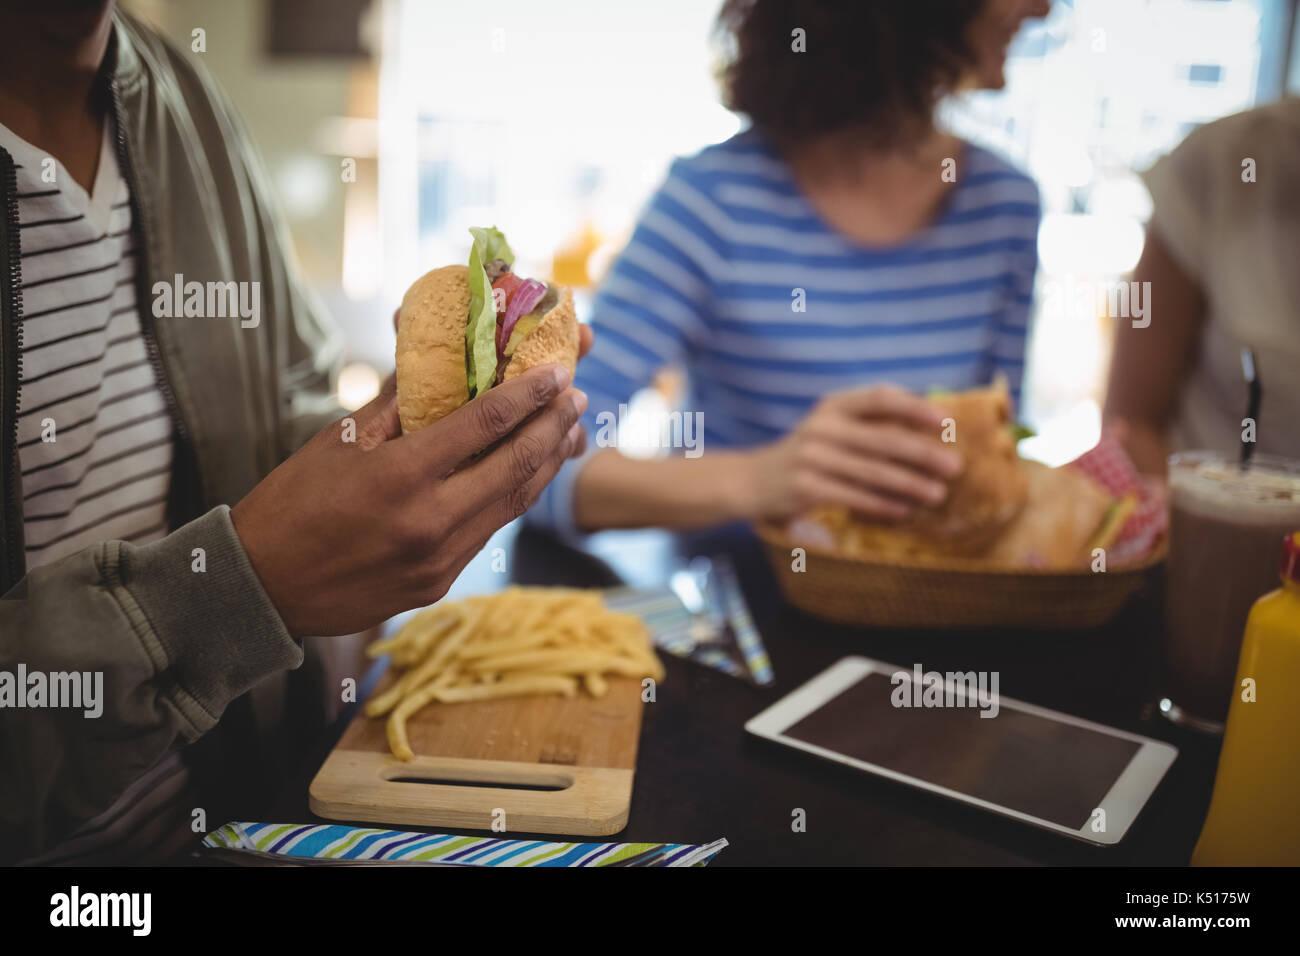 La mitad del torso hombre sujetando la hamburguesa fresca mientras está sentado en la mesa del café Imagen De Stock